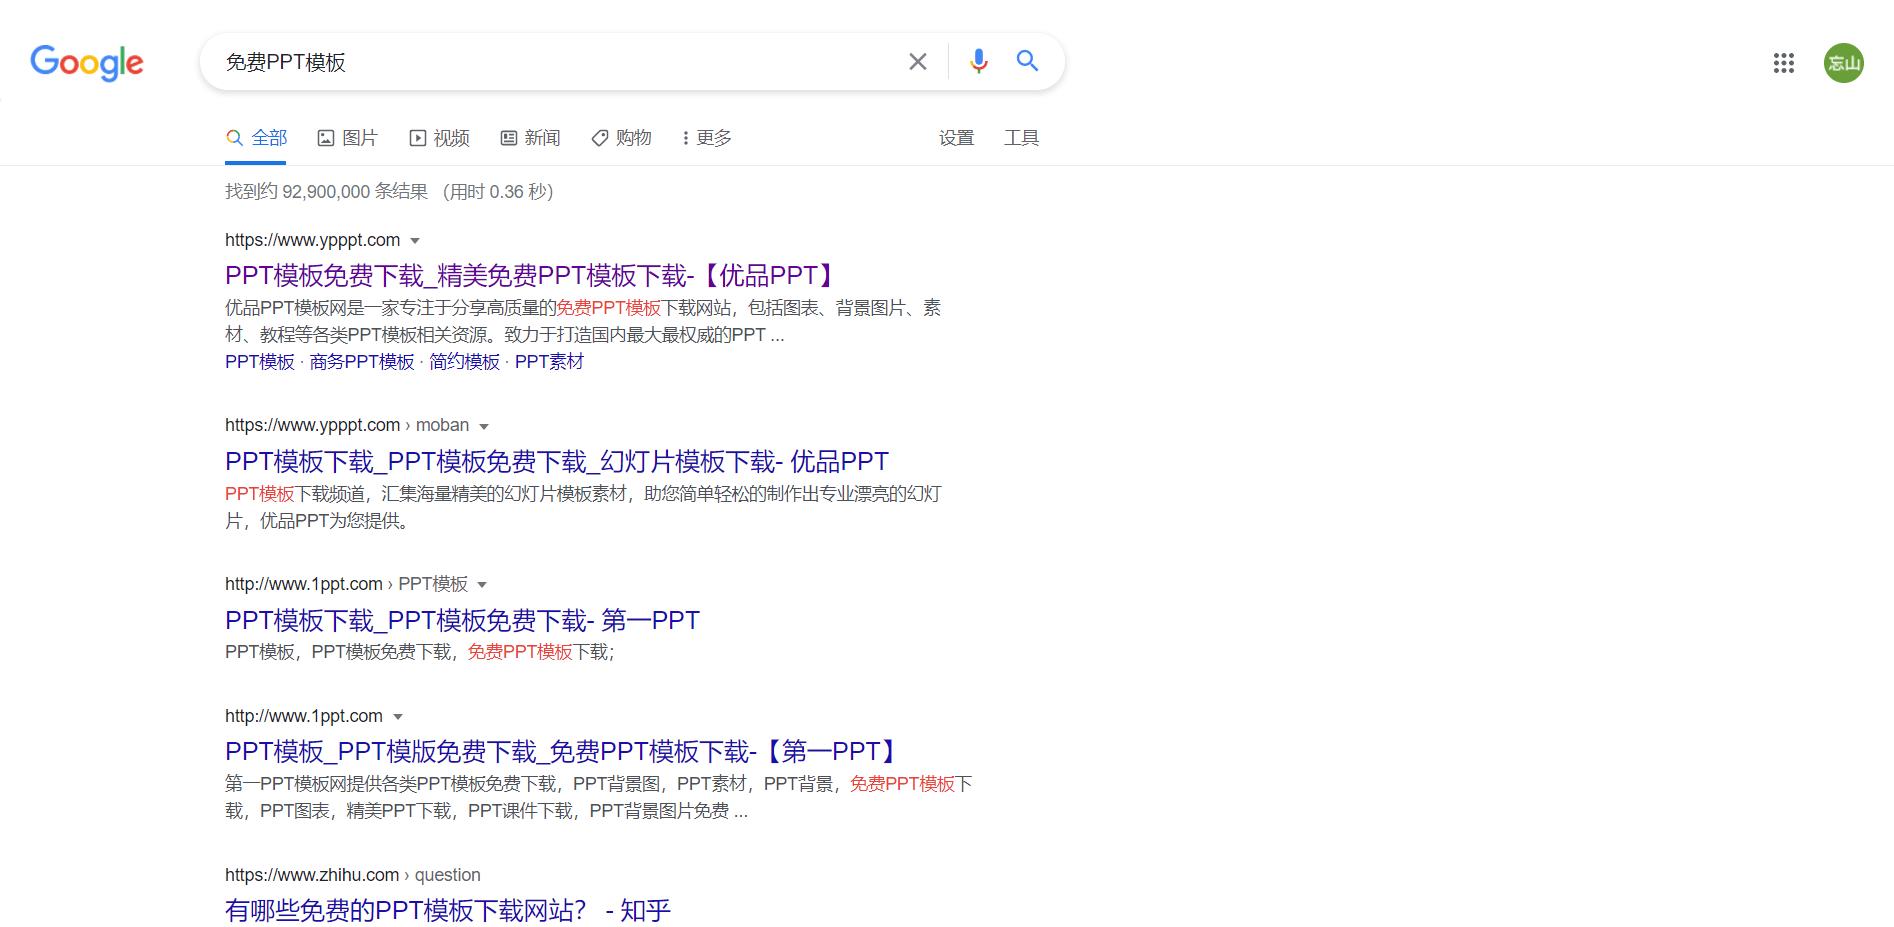 如何正确高效准确的使用搜索引擎?-3